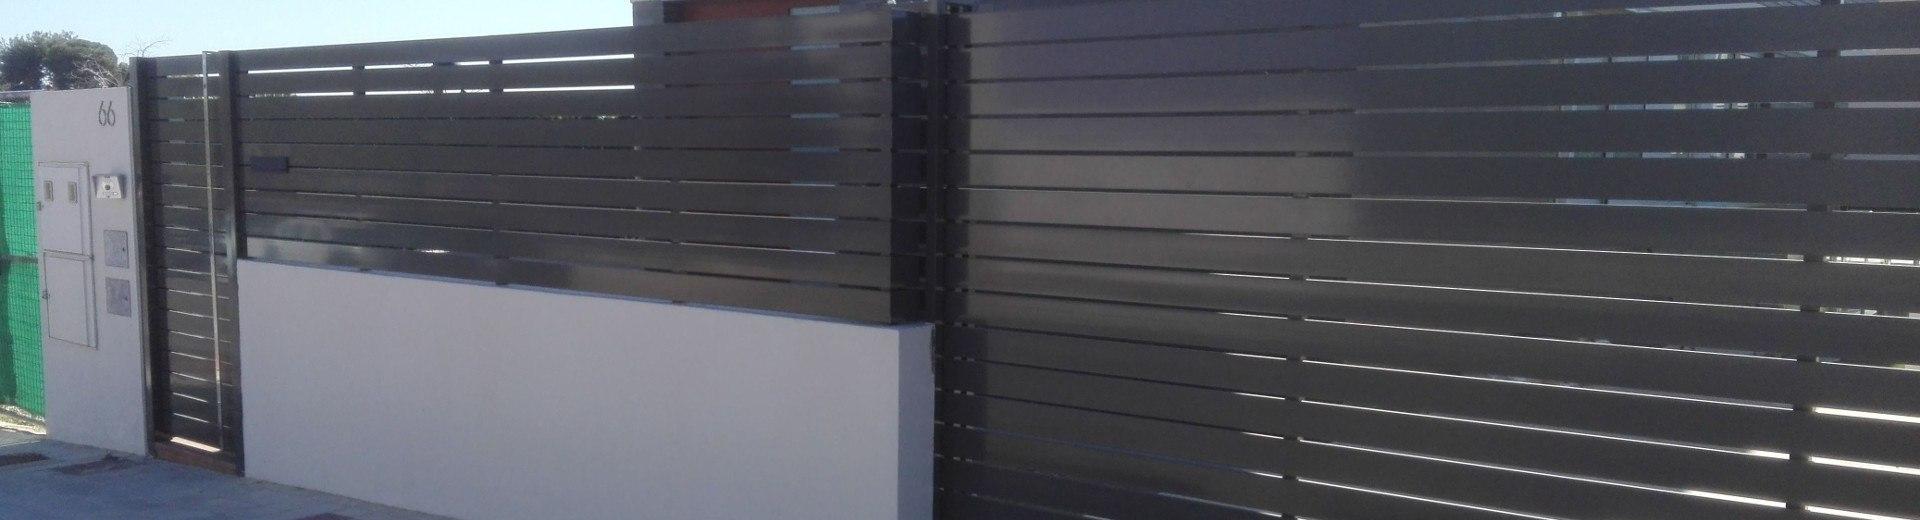 puertas correderas hori - Reparacion Puertas Garaje Corredera Basculante Enrollable Seccional Alicante